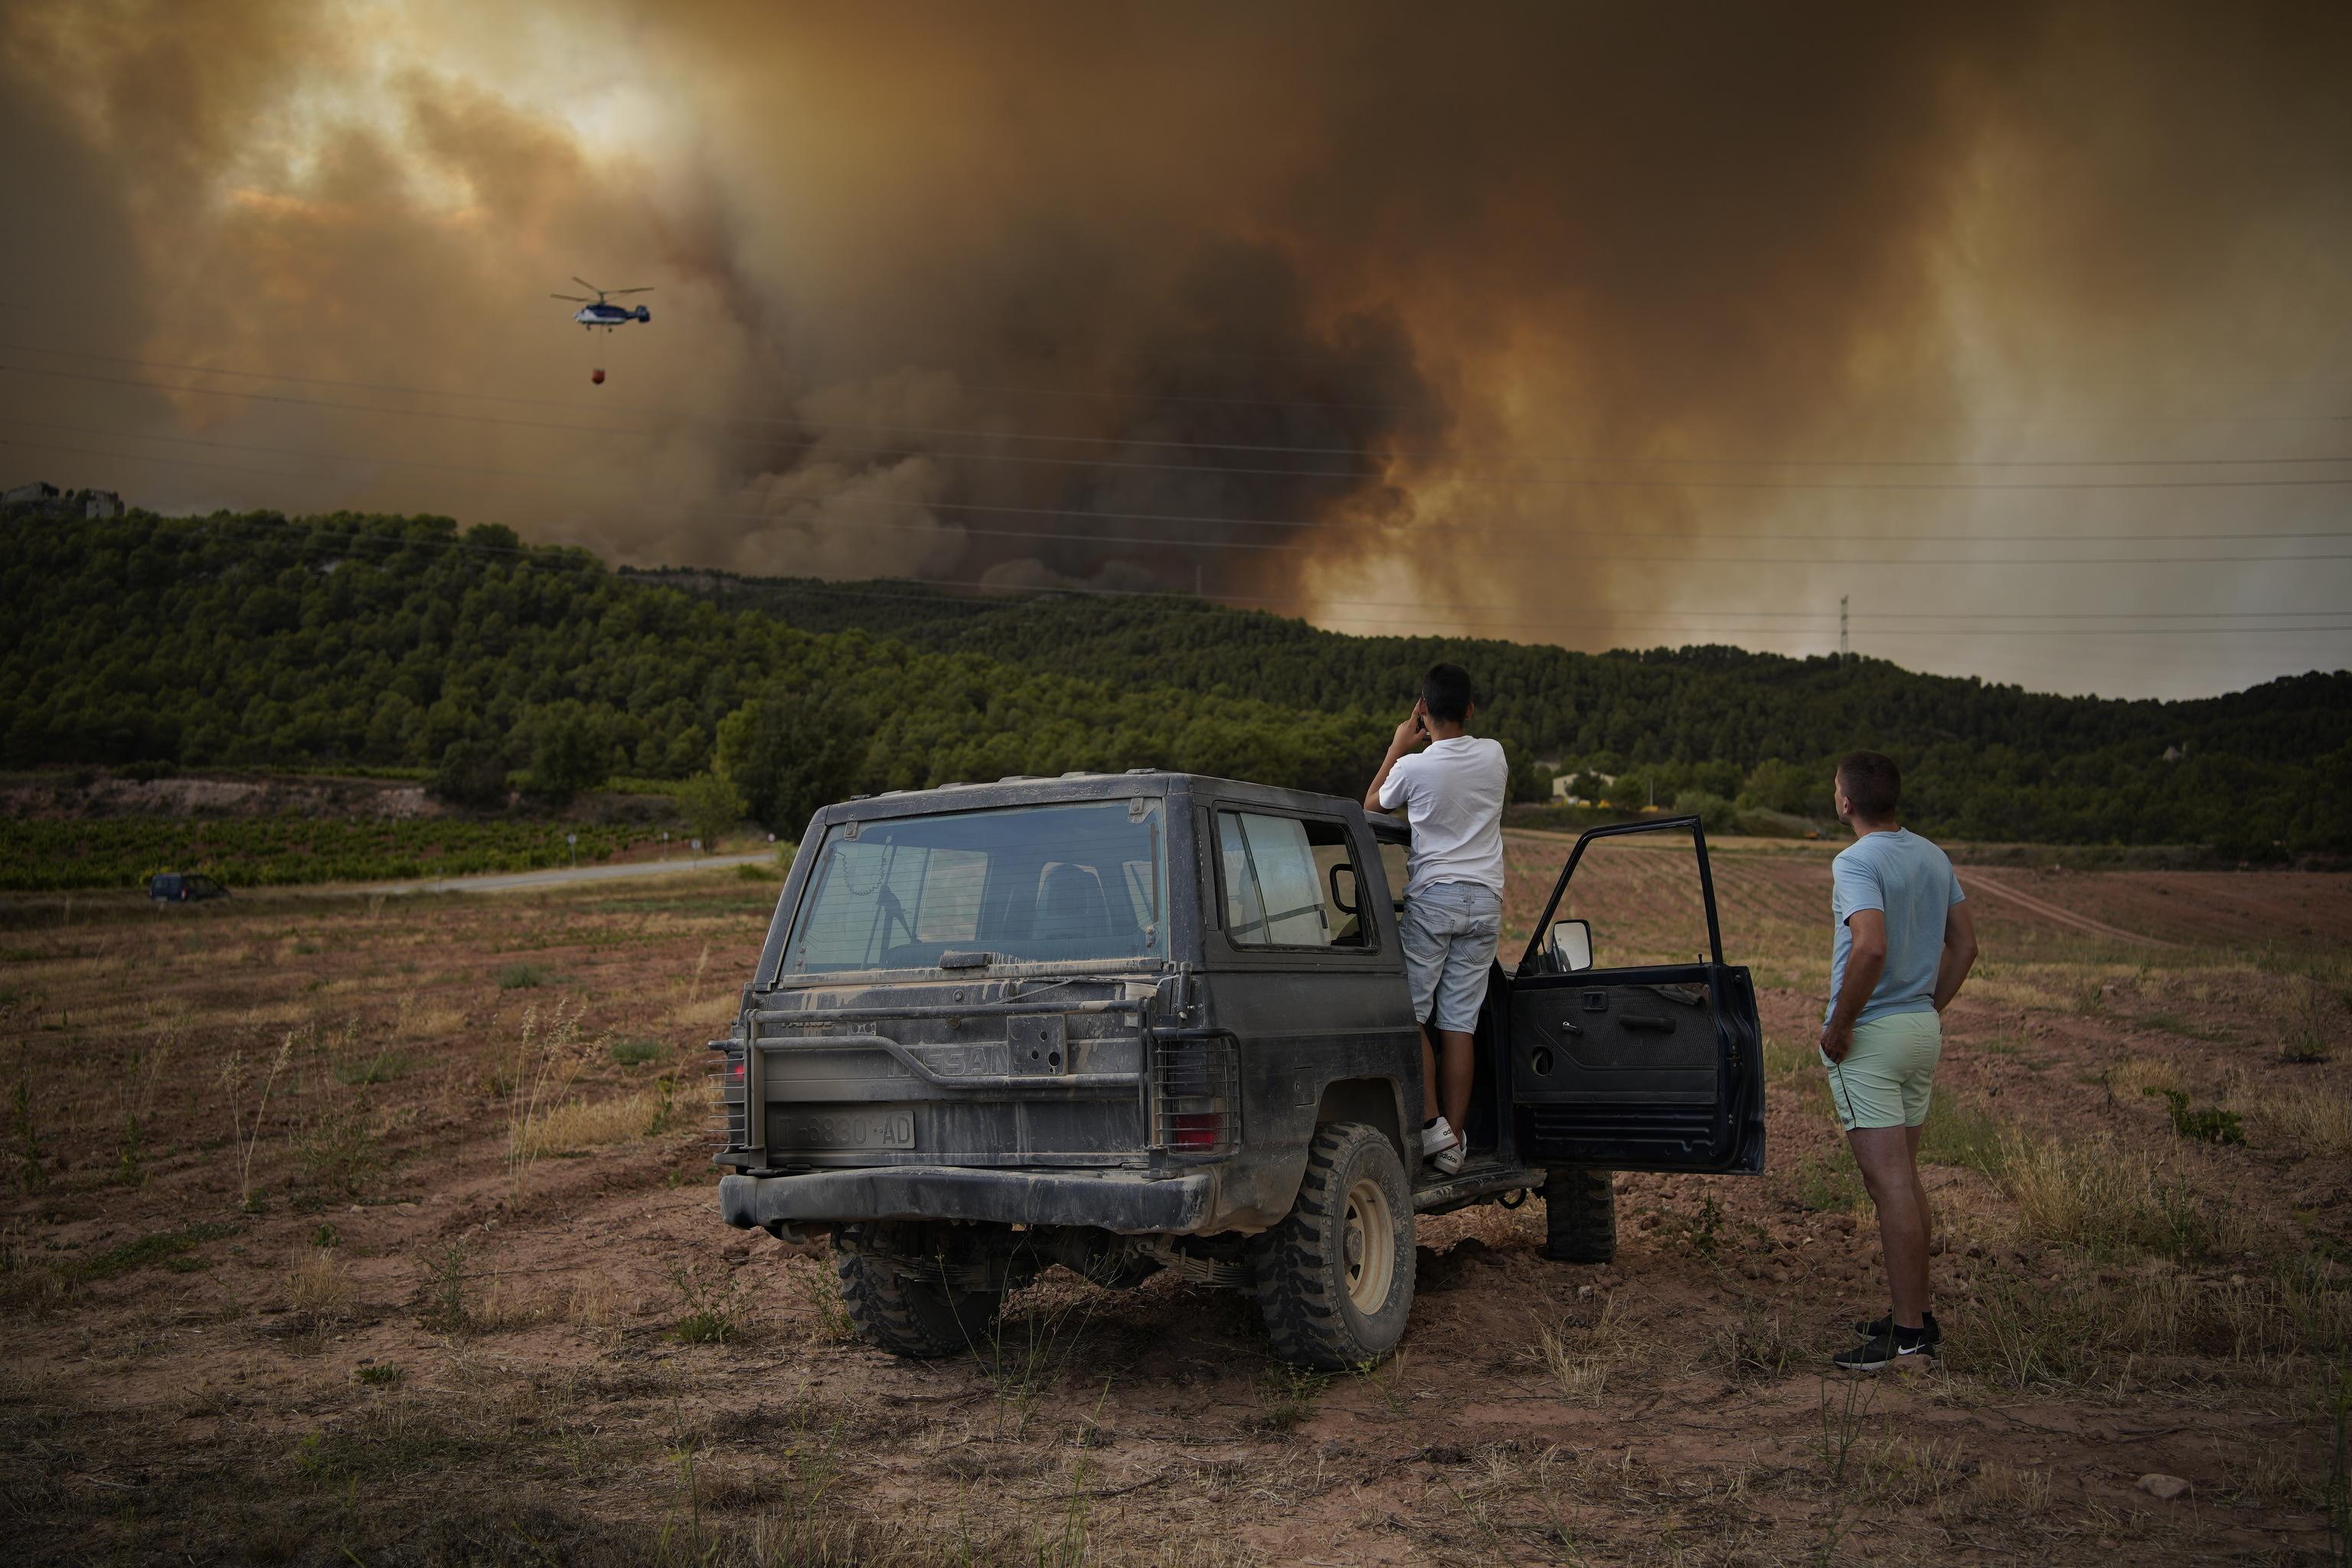 incendio forestal en Santa Coloma de Queralt, cerca de Tarragona, con 1.200 hectáreas de bosque afectadas por las llamas.